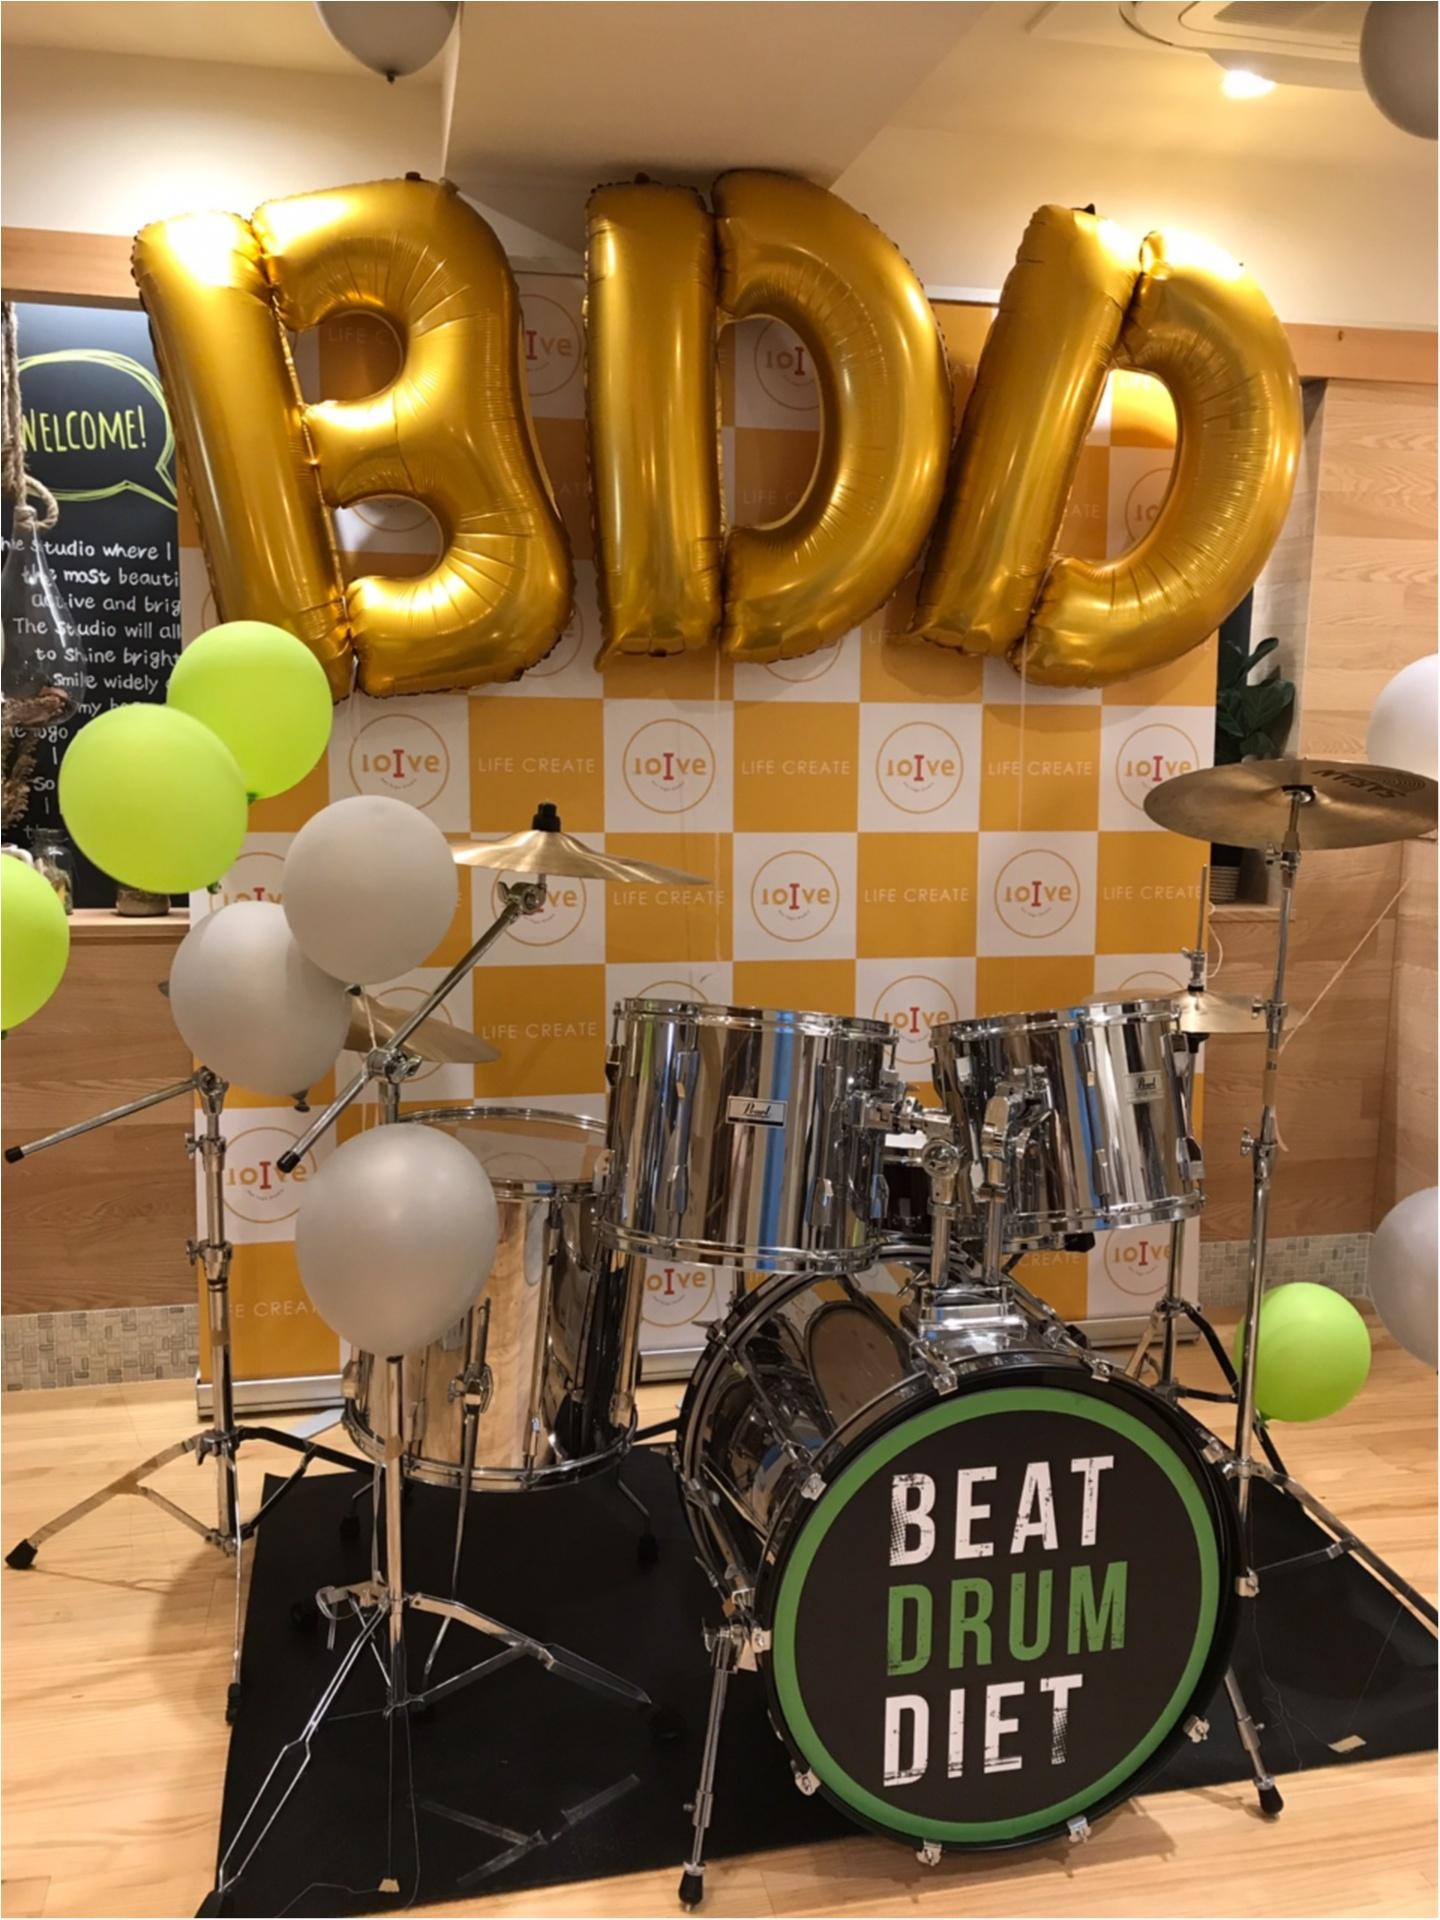 日本発上陸! L.A.で話題の新感覚エクササイズ『BEAT DRUM DIET』を体験してきました♪ 【#モアチャレ 7キロ痩せ】_2